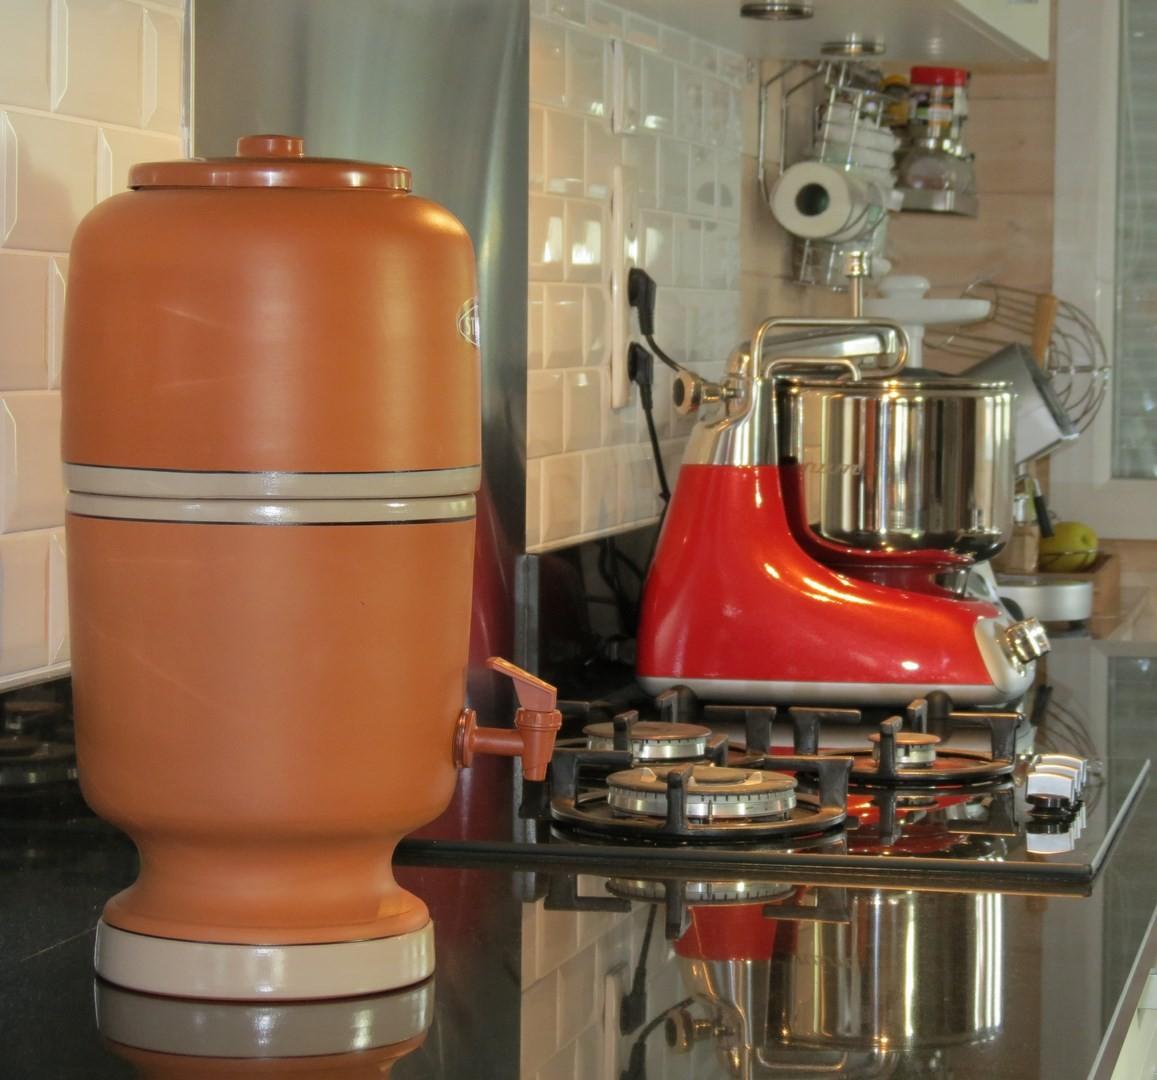 Fontaine a eau stfani avec filtre  charbon actif  Scandivie